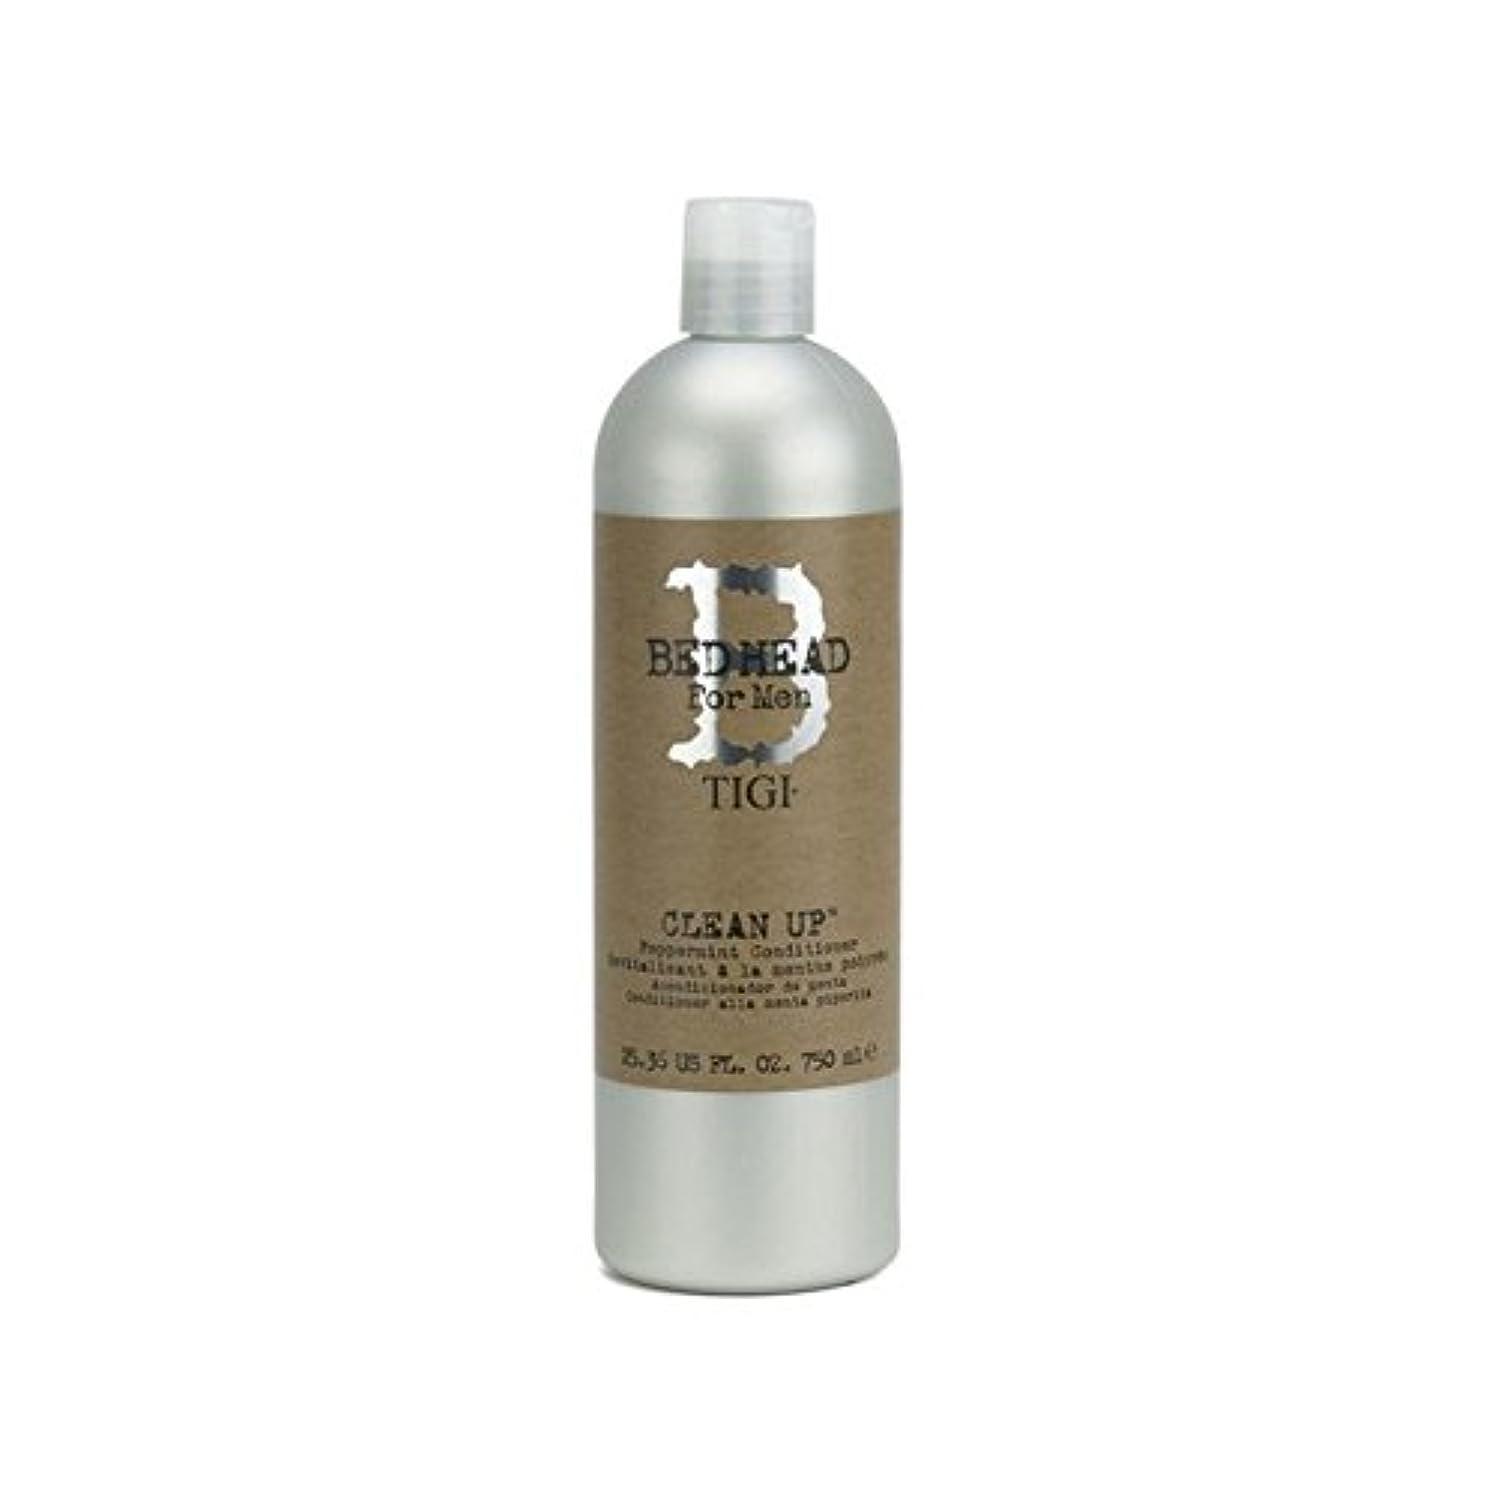 結紮のヒープ冷凍庫Tigi Bed Head For Men Clean Up Peppermint Conditioner (750ml) (Pack of 6) - ペパーミントコンディショナーをクリーンアップする男性のためのティジーベッドヘッド...